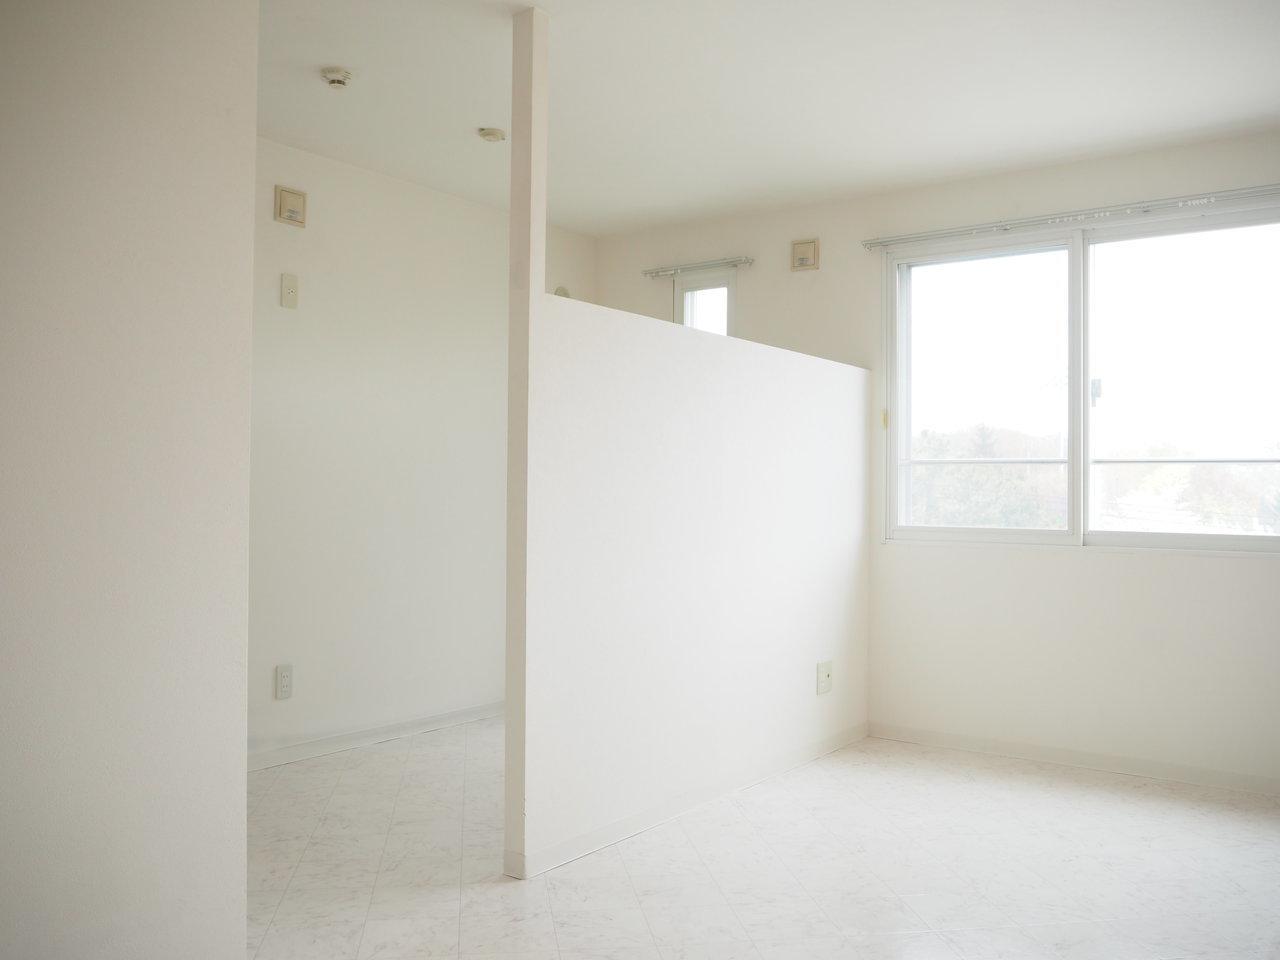 程よく仕切られた先には、寝室に使えそうな洋室が。扉を使わずともきちんと仕切られているのは意外といいかも。